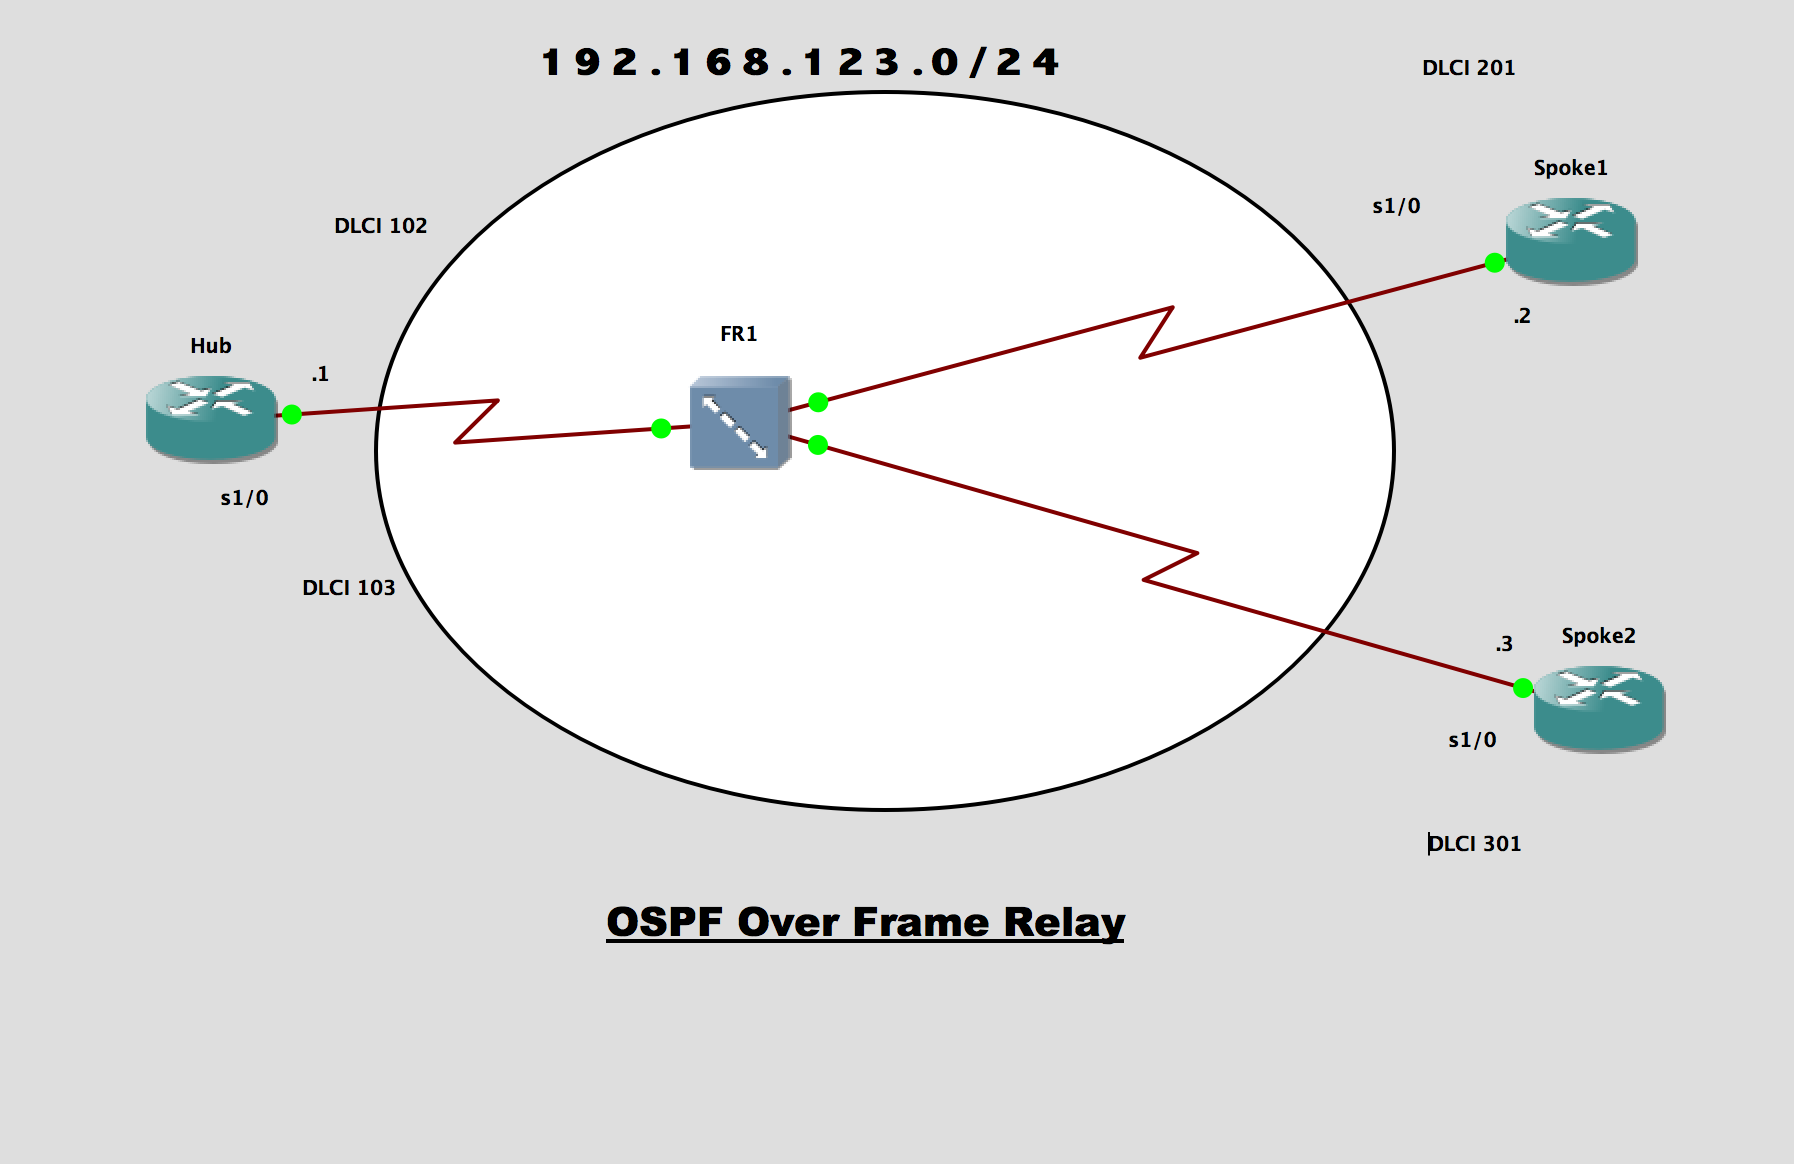 OSPF in Frame Relay